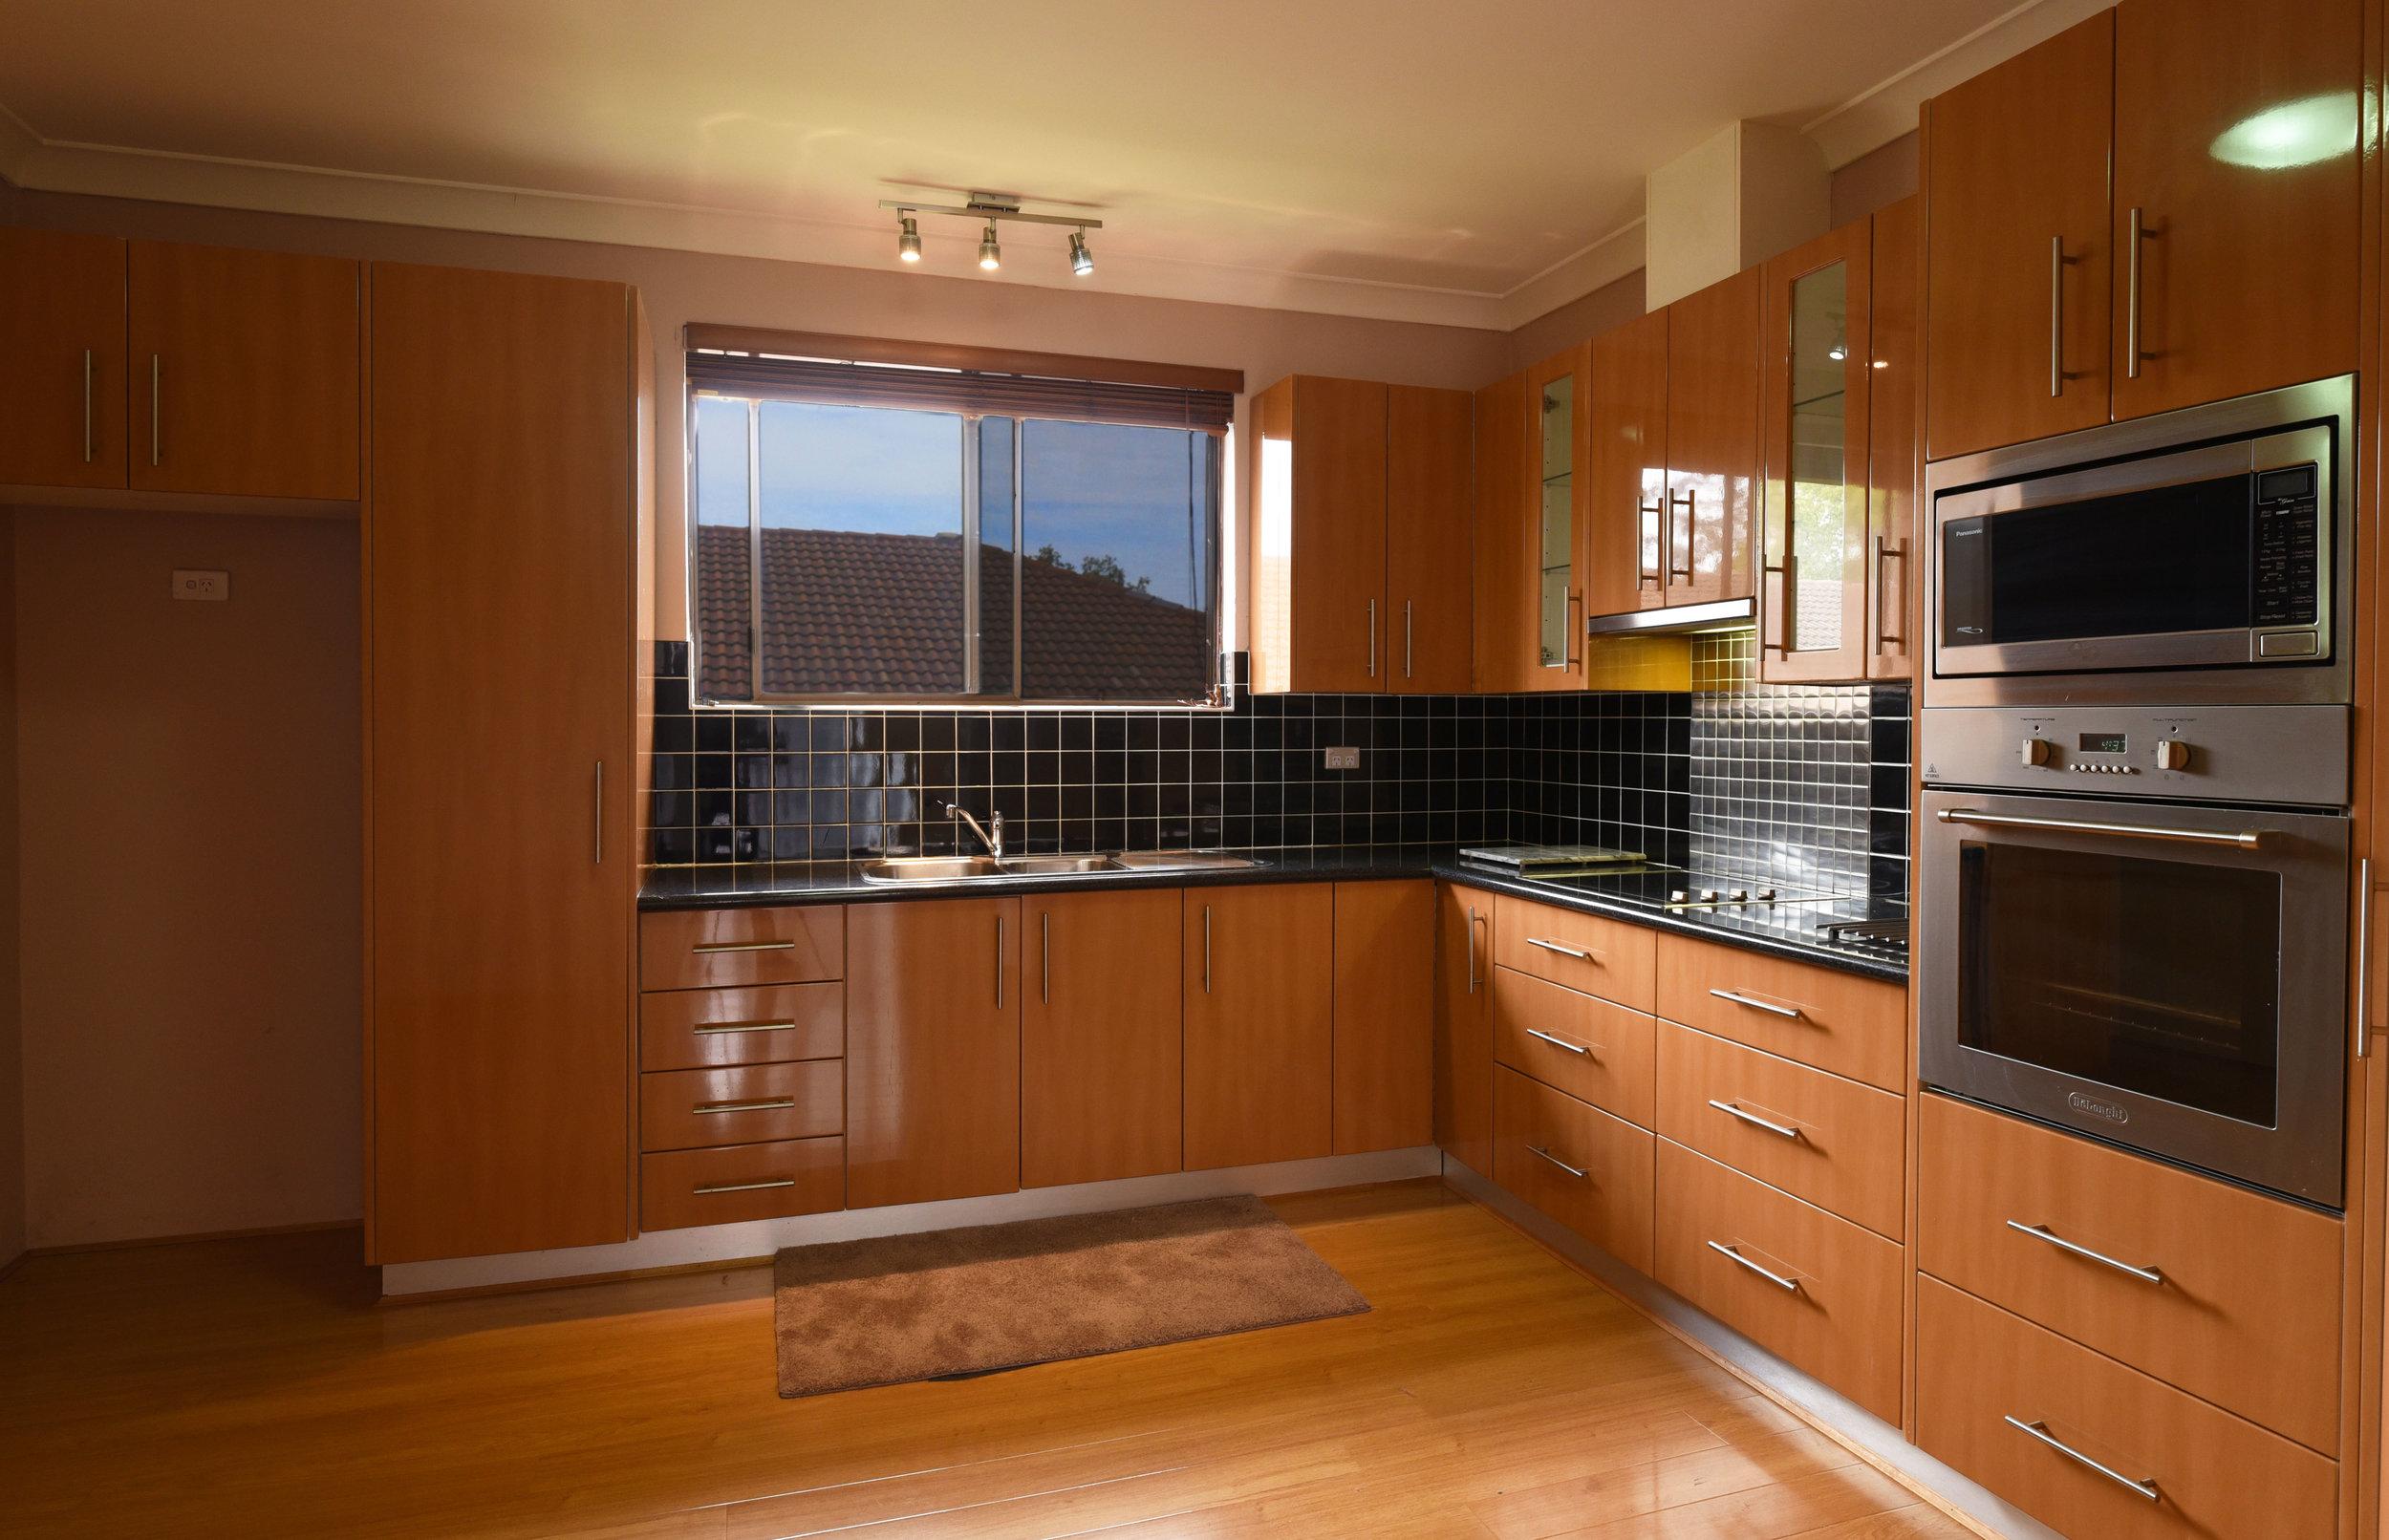 kitchenfinal.jpg